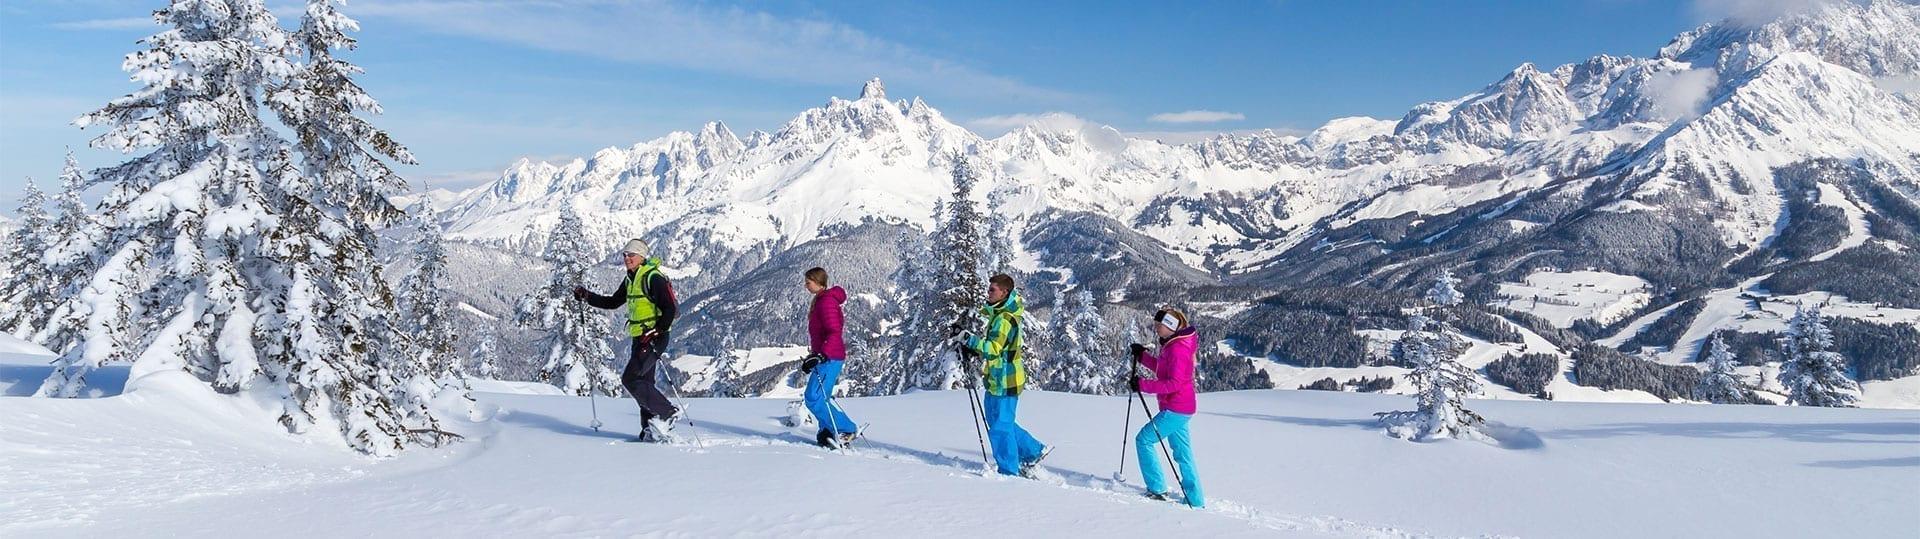 Schneeschuhwandern im Winterurlaub in Filzmoos, Ski amadé